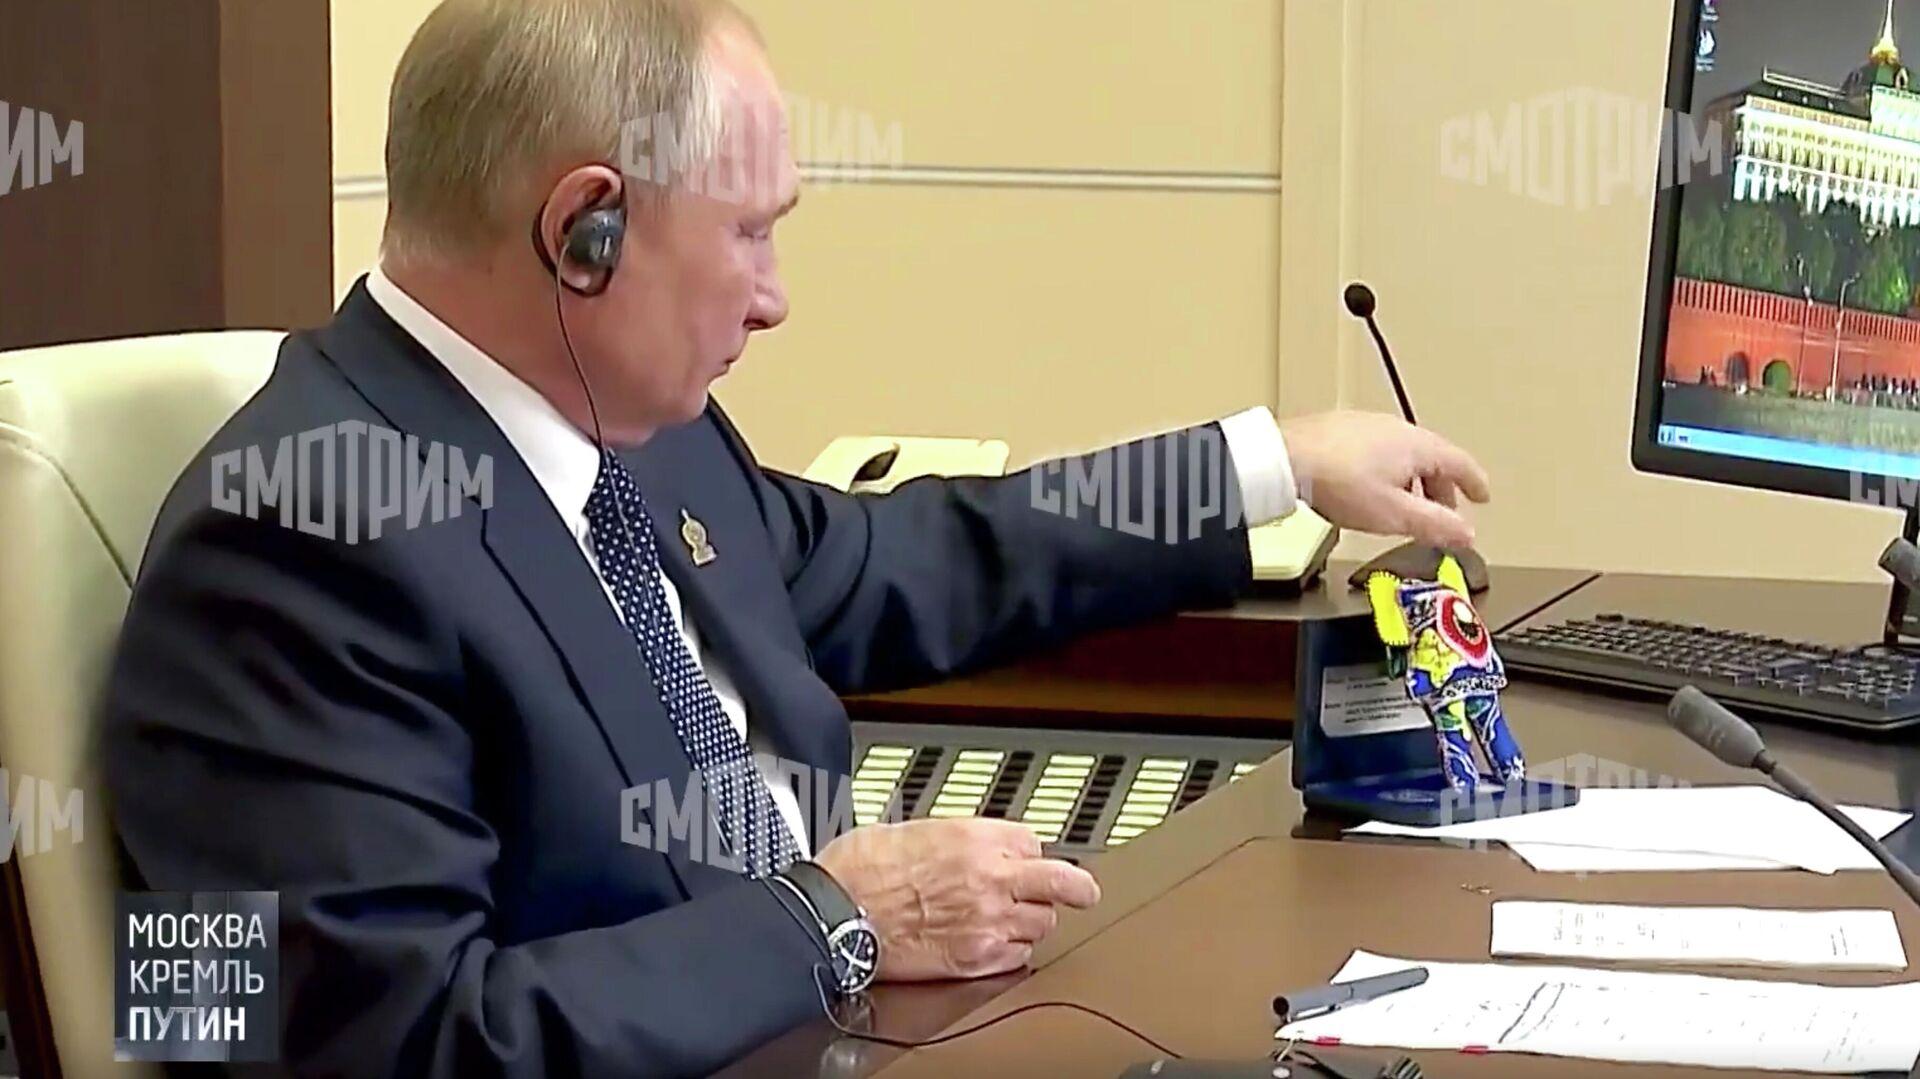 Журналистам впервые показали комнату отдыха в резиденции Путина